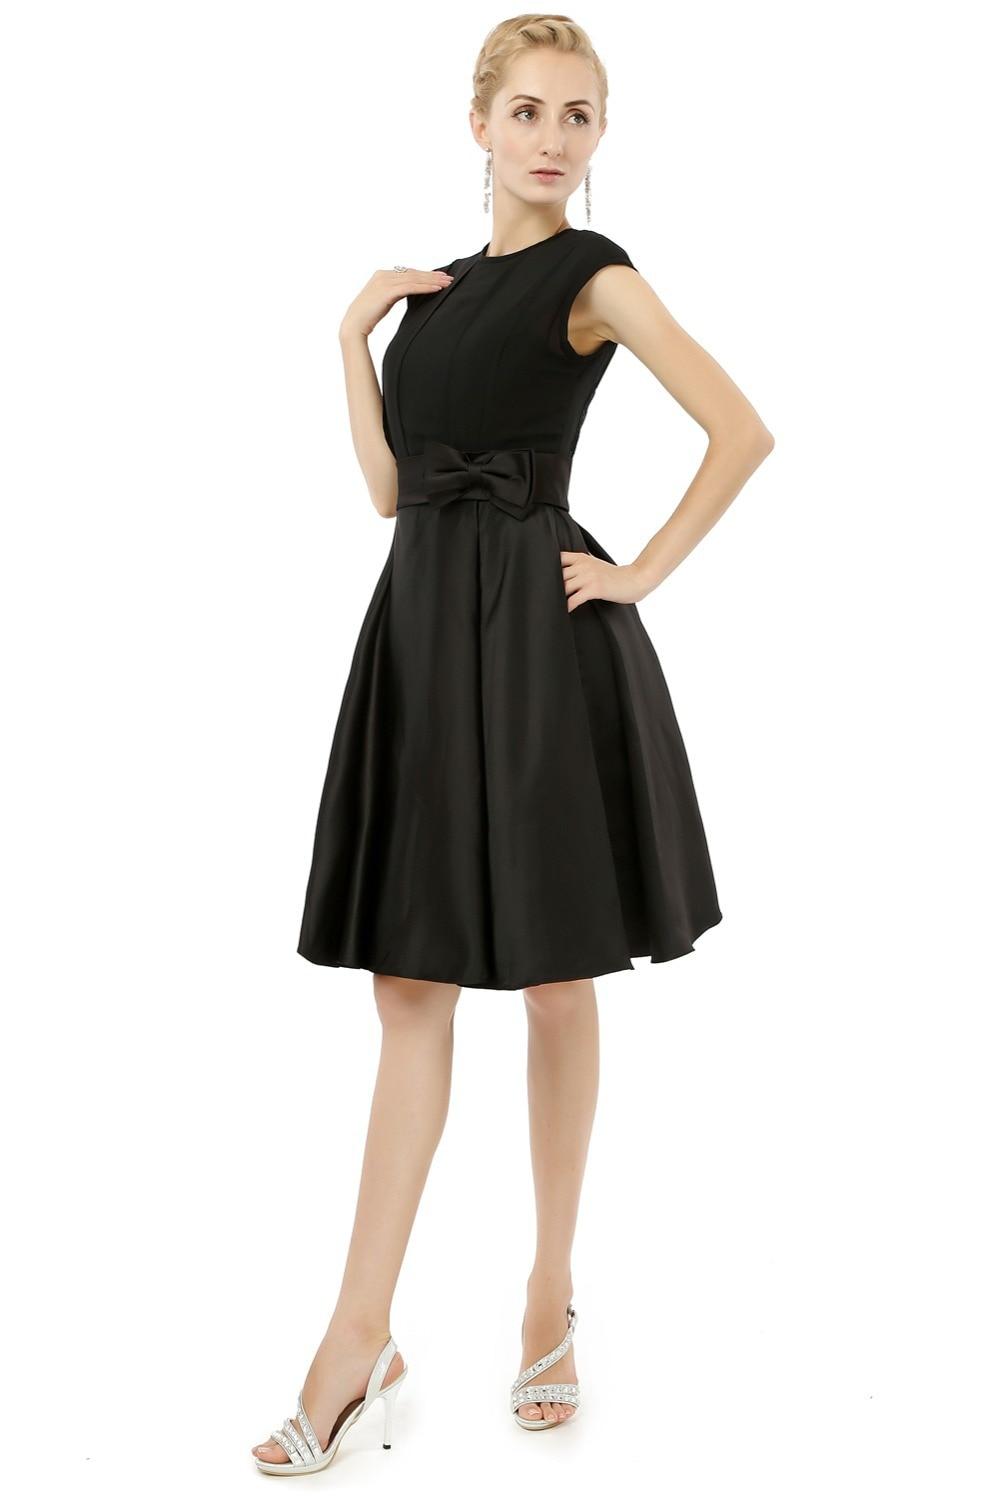 100 Real Model Mujeres A Estrenar Sexy Vestido Negro